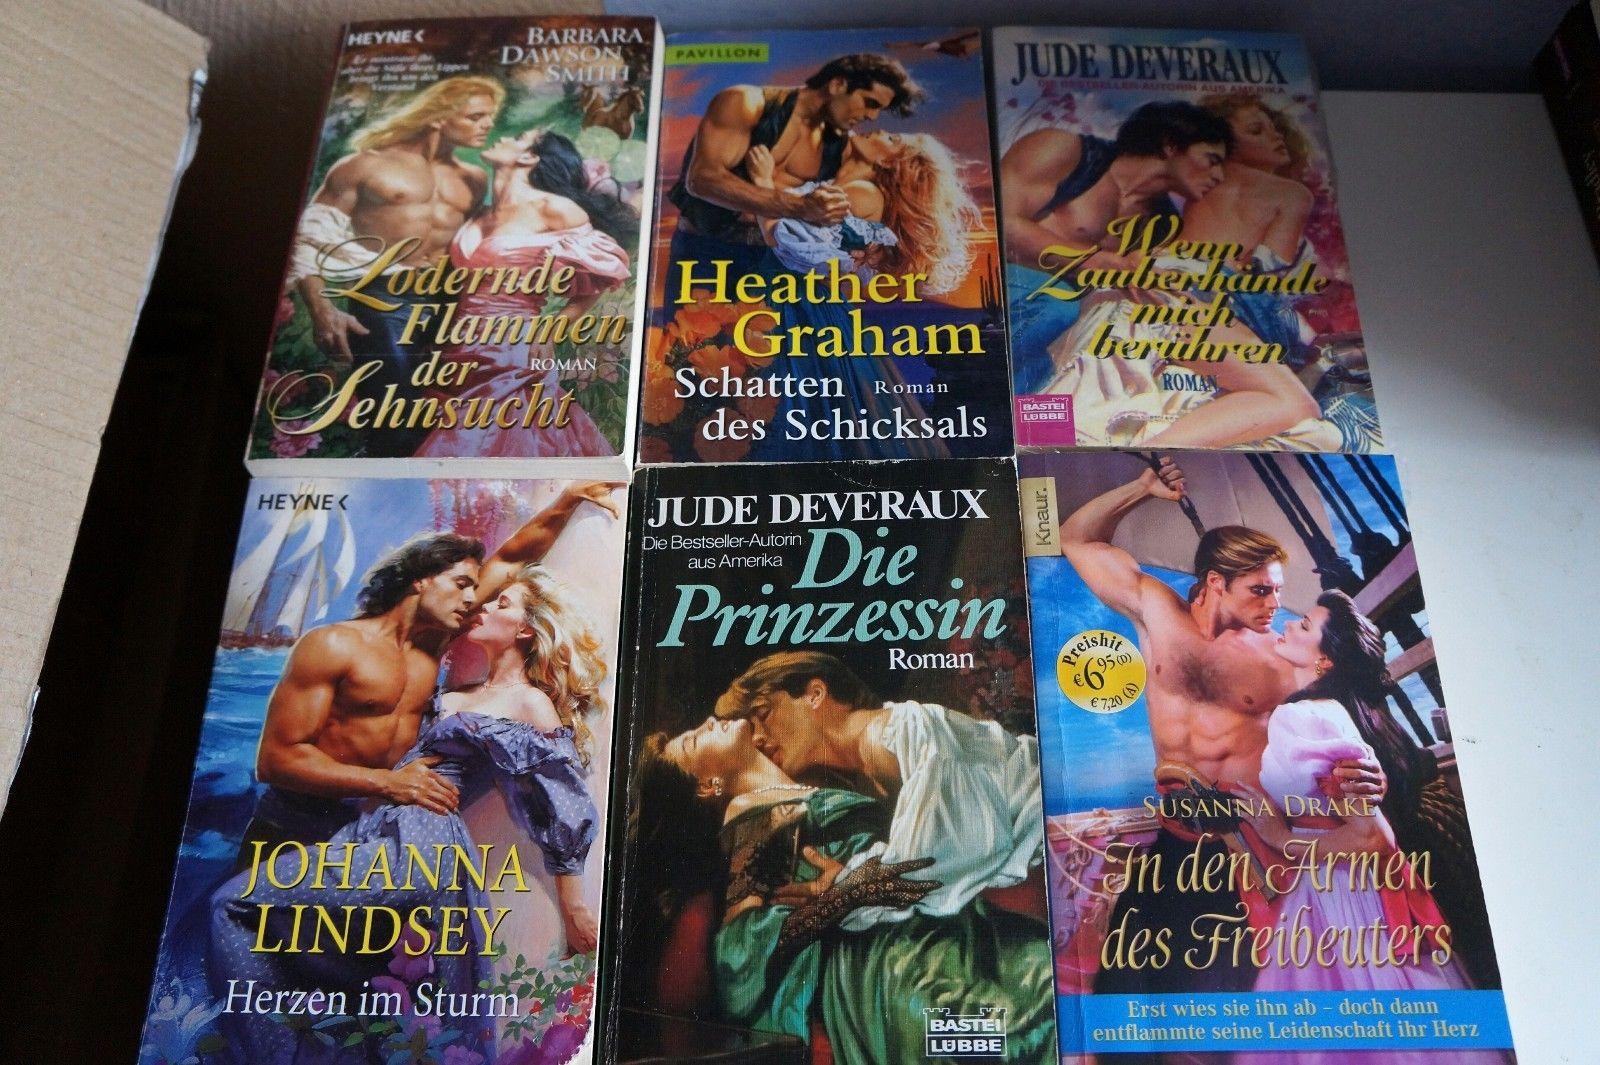 33 historische liebesromane, highland,Lindsey, Deveraux, Bücherpaket, ab 1€